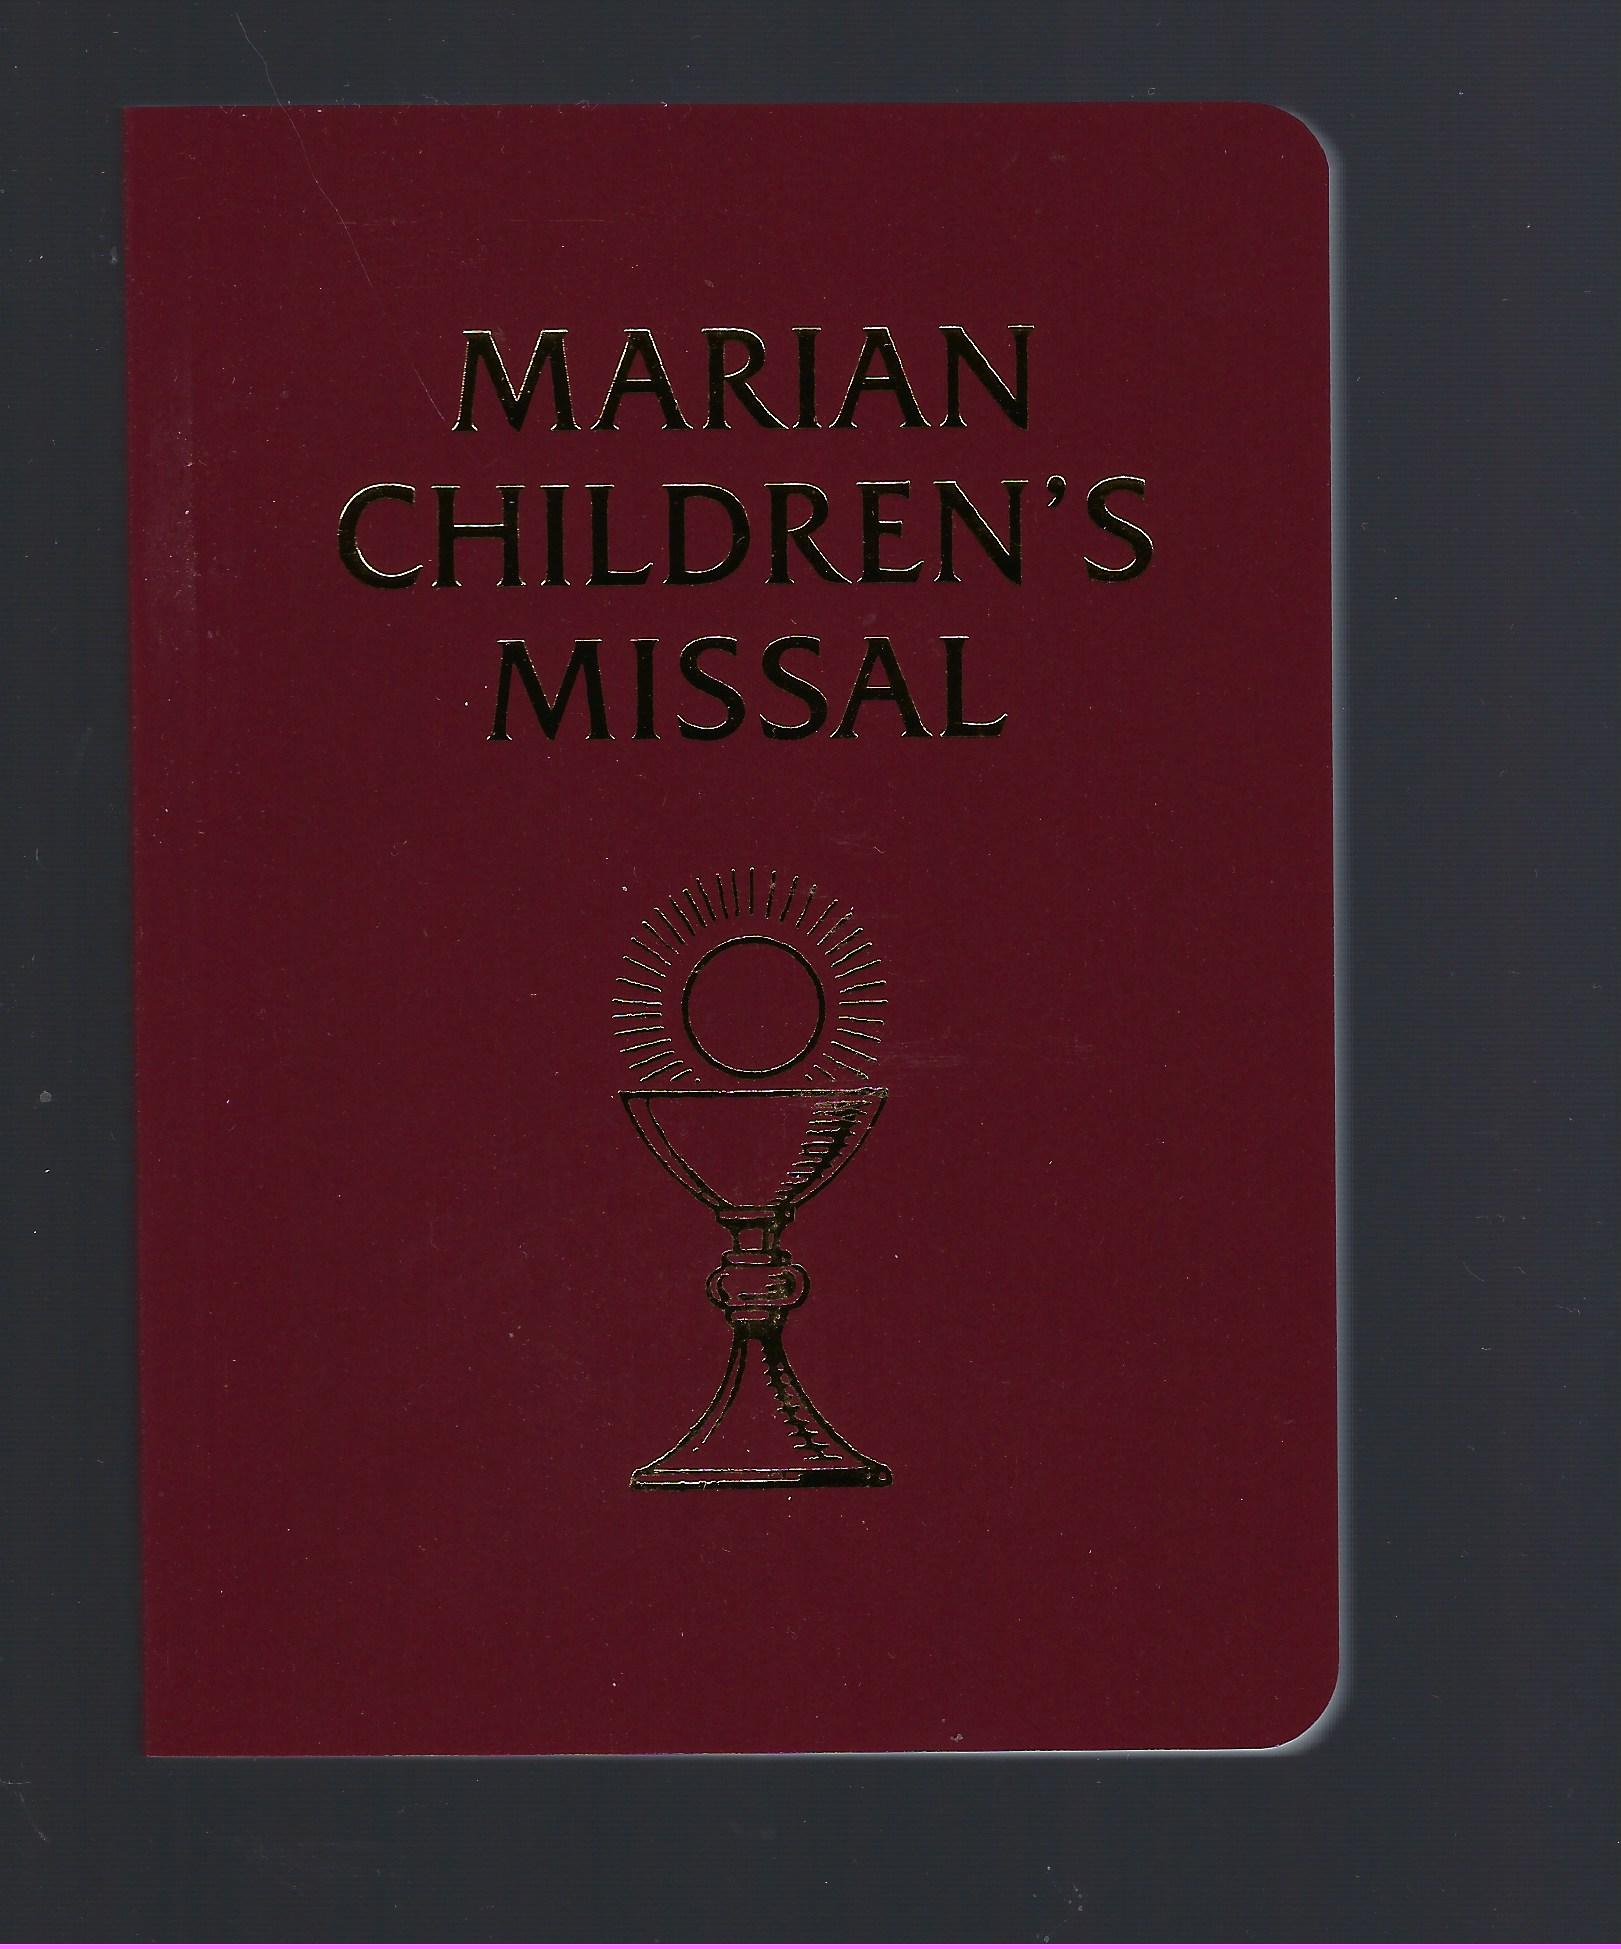 Marian Children's Missal (Tridentine Mass)